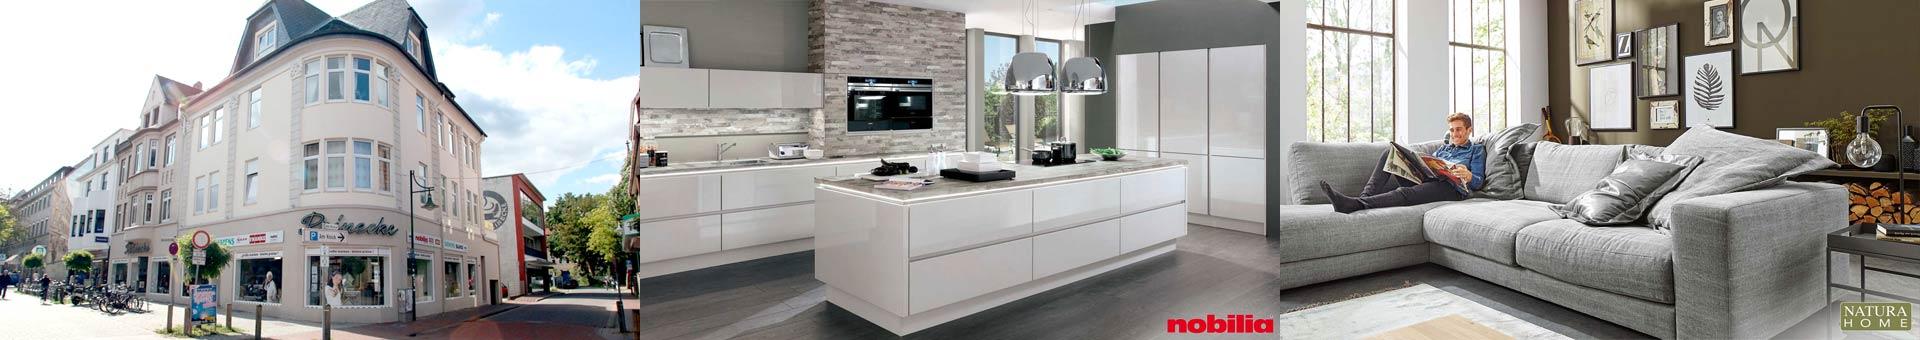 Möbel u. Küchen Reinecke – KONTAKT IMPRESSUM in Delmenhorst nahe Bremen